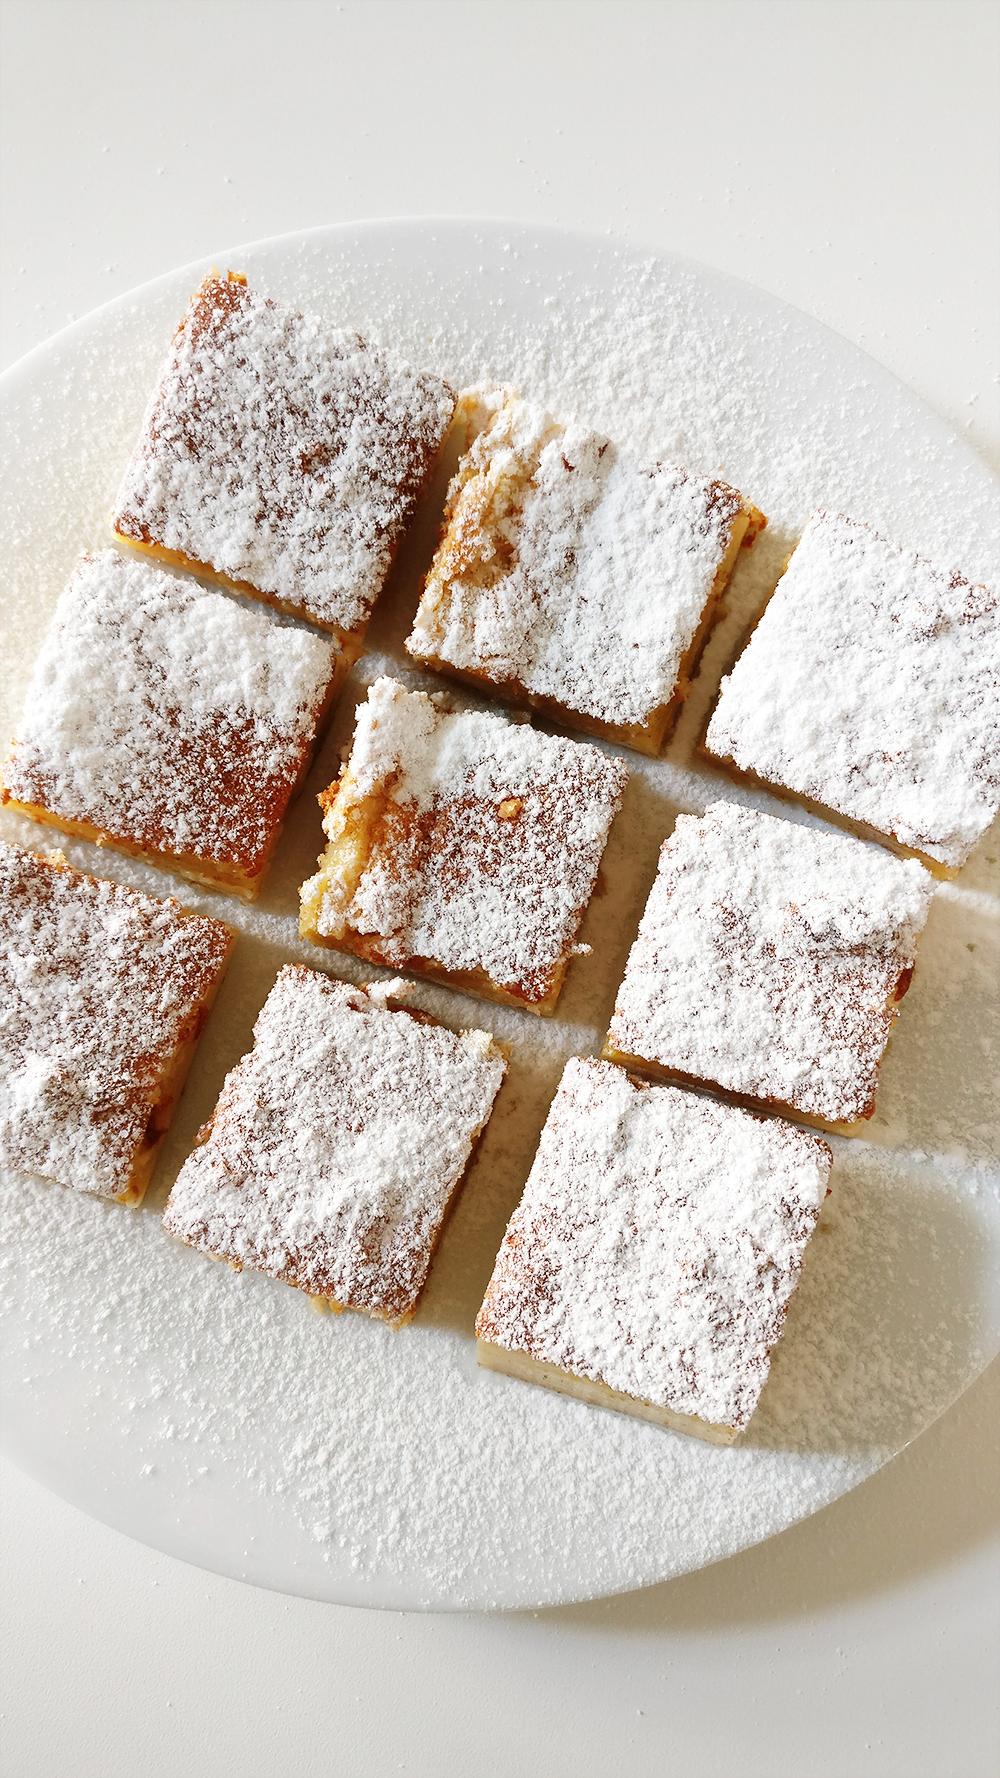 Delicious milky vanilla bars   Aliz's Wonderland #vanillabar #vanillacurd #dessert #milkybar #recipe